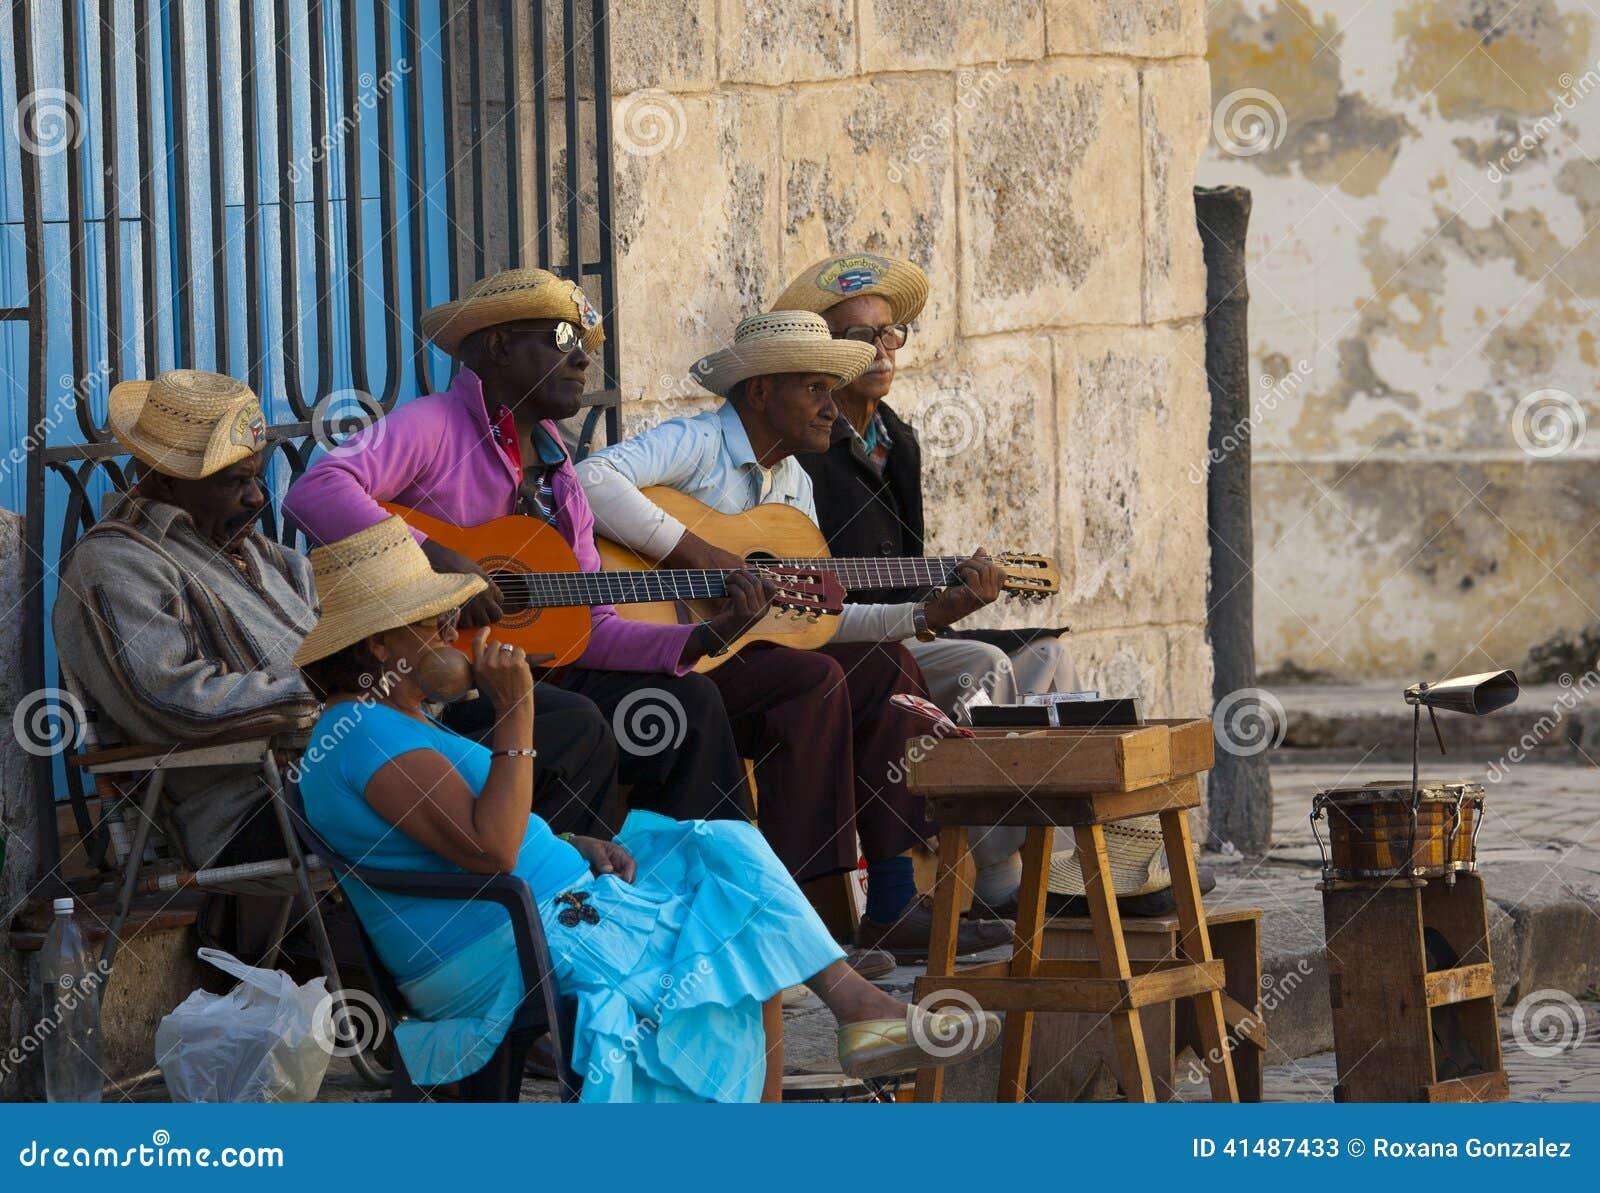 Musiciens de rue en Plaza de la Catedral, LA HAVANE, CUBA